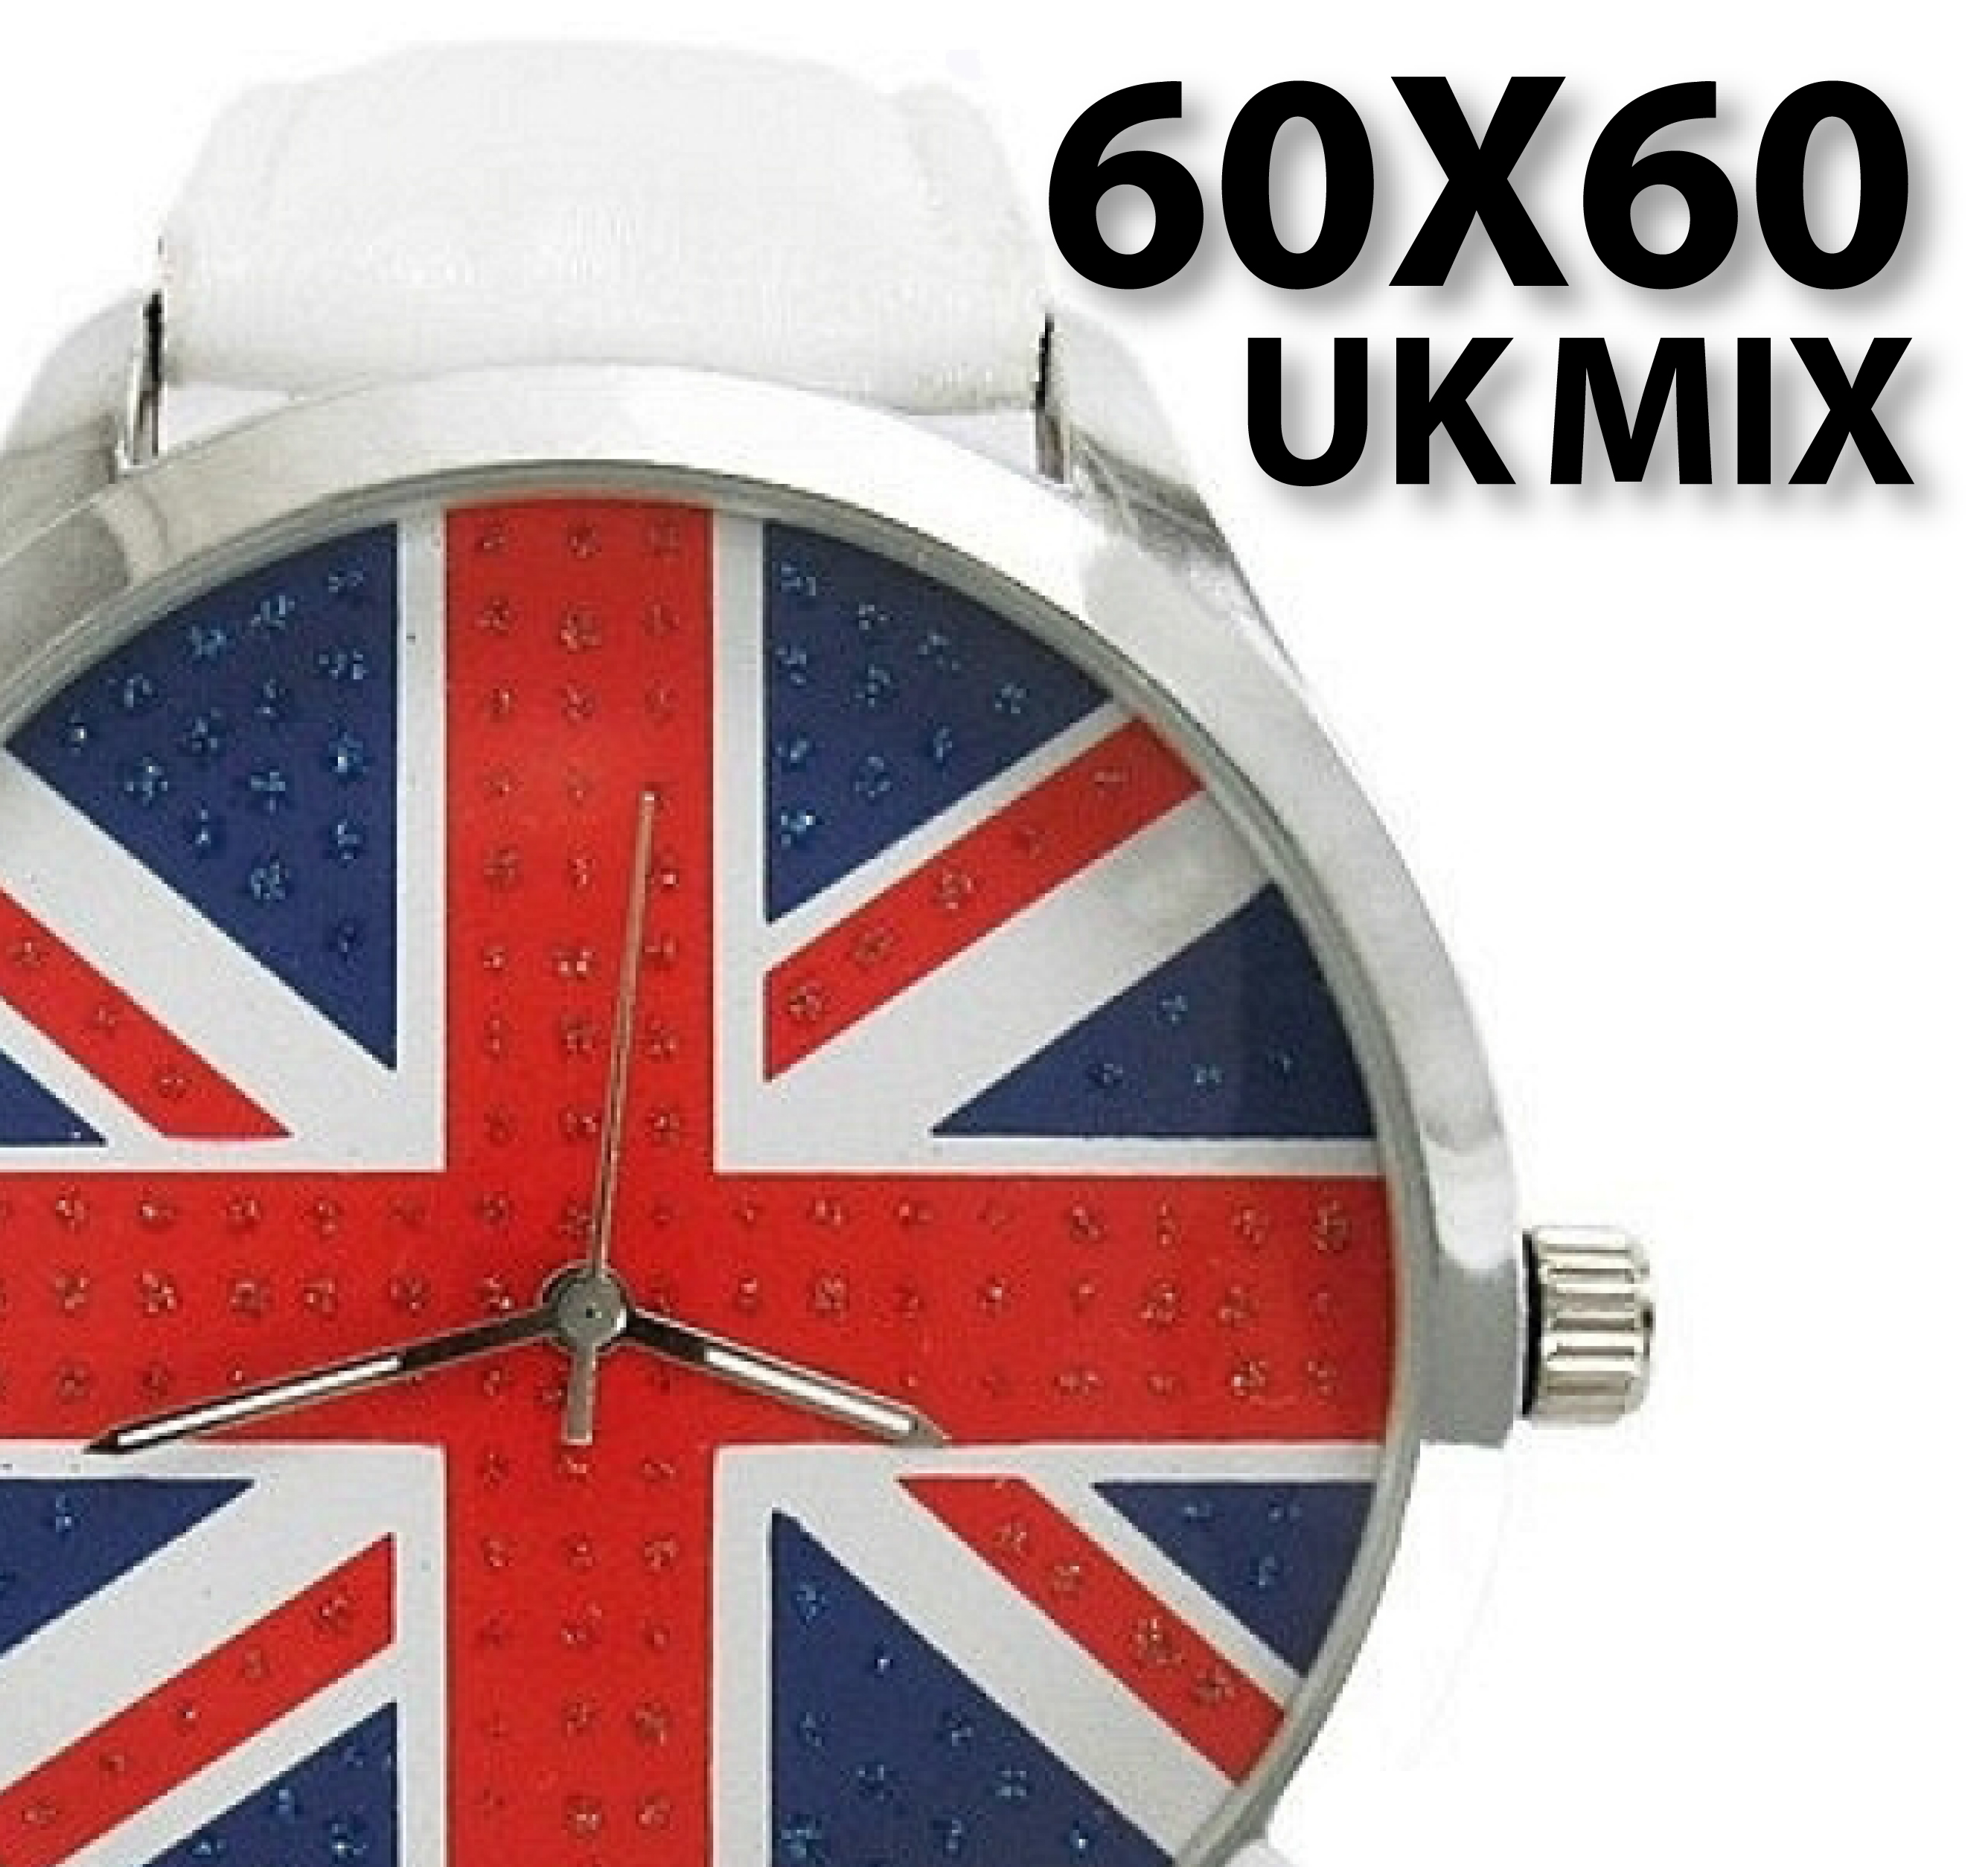 60x60 UK MIx